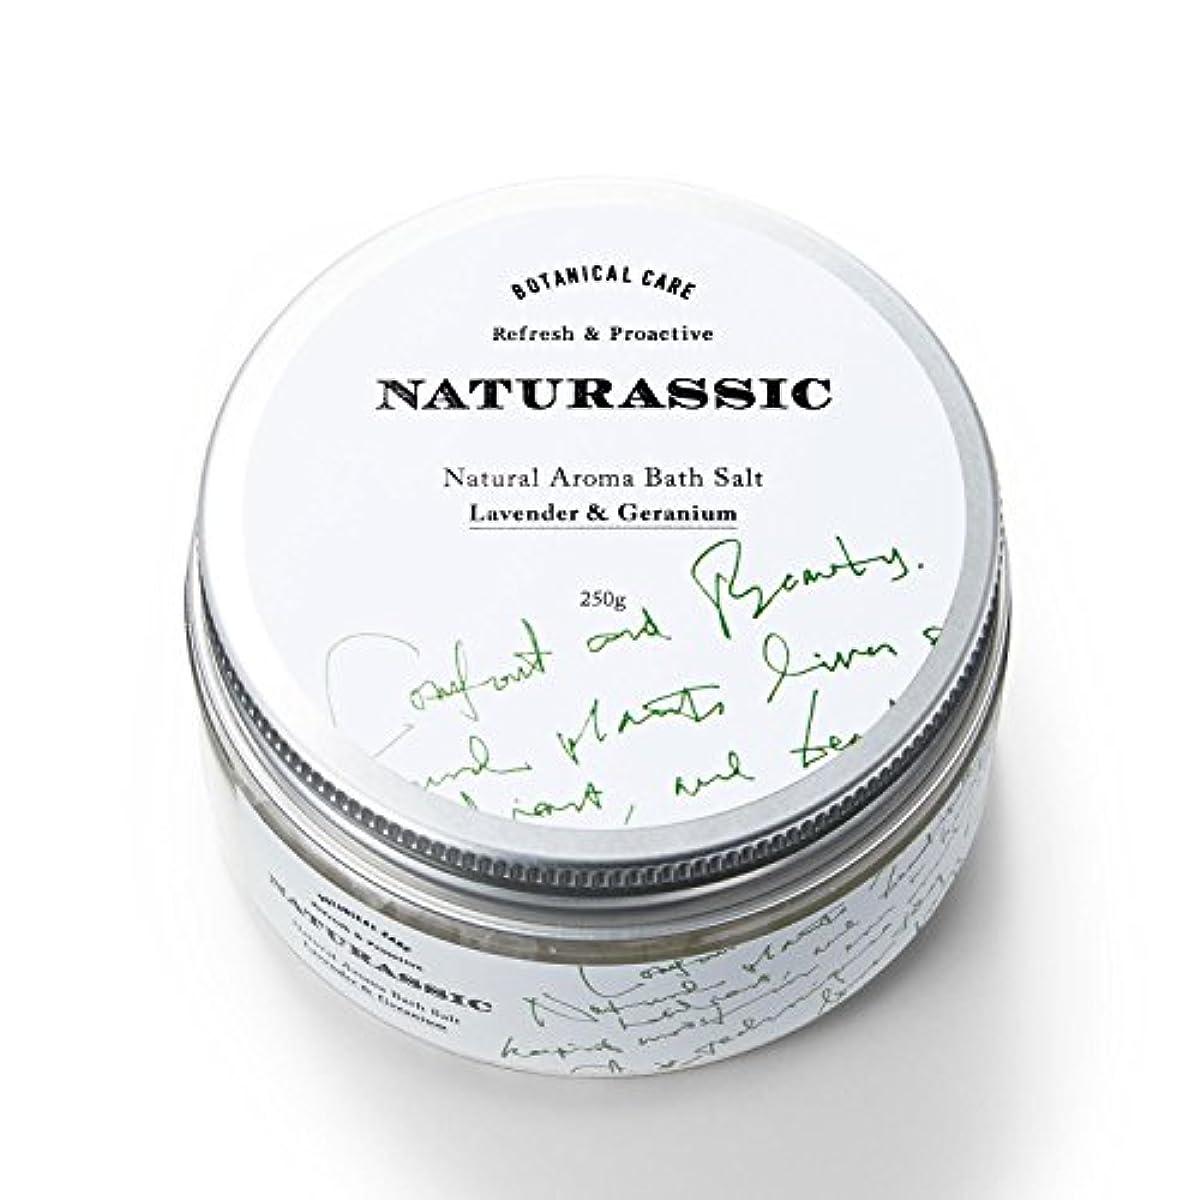 高度旅行者入学するナチュラシック ナチュラルアロマバスソルトLG ラベンダー&ゼラニウムの香り 250g [天然由来成分100%]